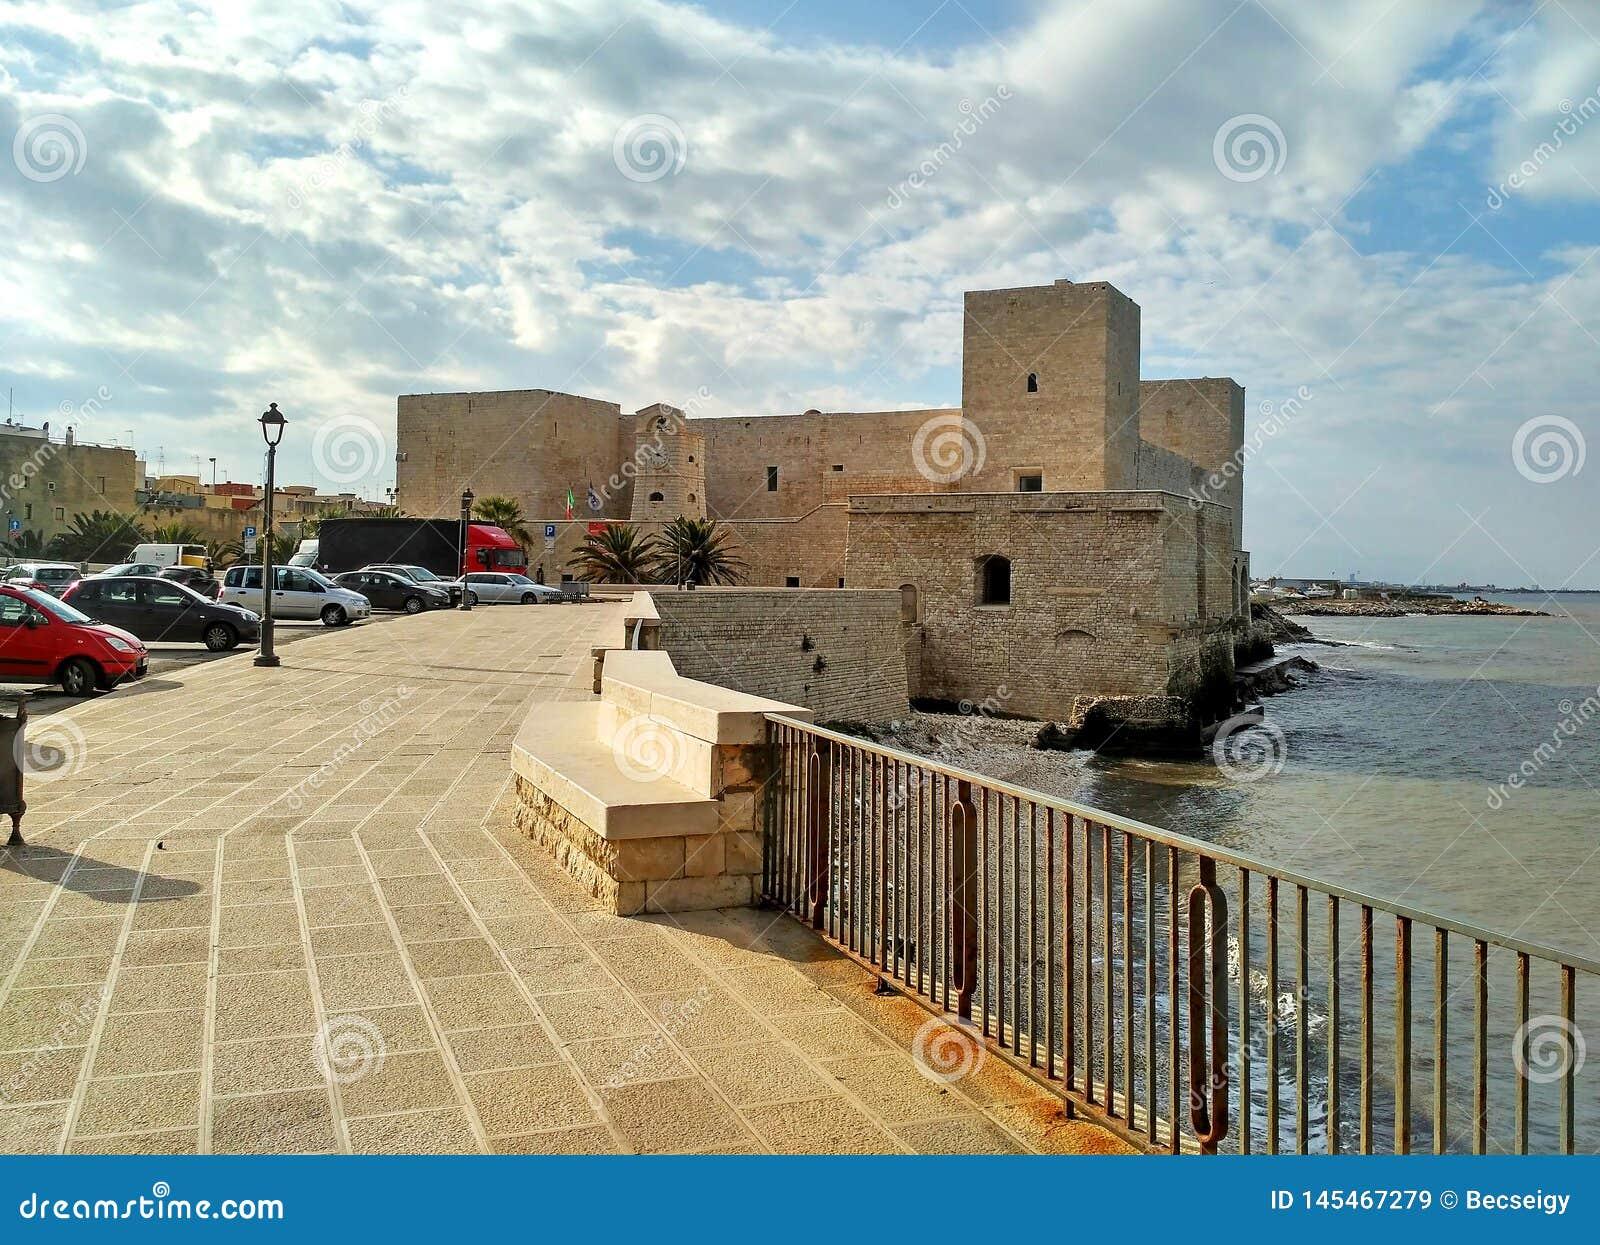 Το κάστρο του παλαιού οχυρού Trani - φυσική μικρή πόλη στην Πούλια, Ιταλία